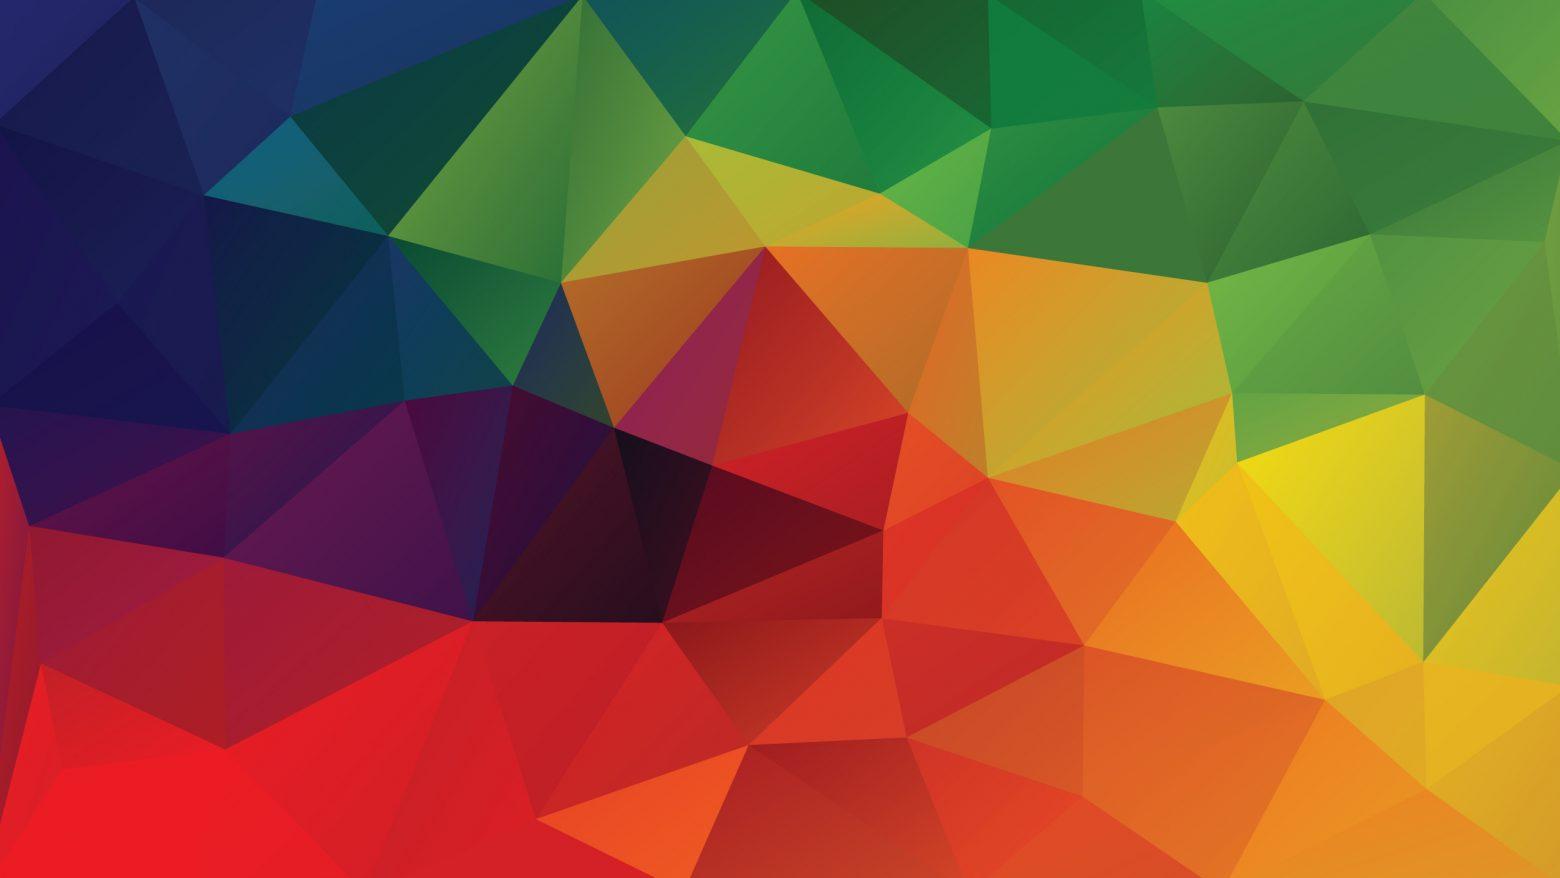 backgrounds 1560x878 - بک گراند های رنگی بسیار زیبا